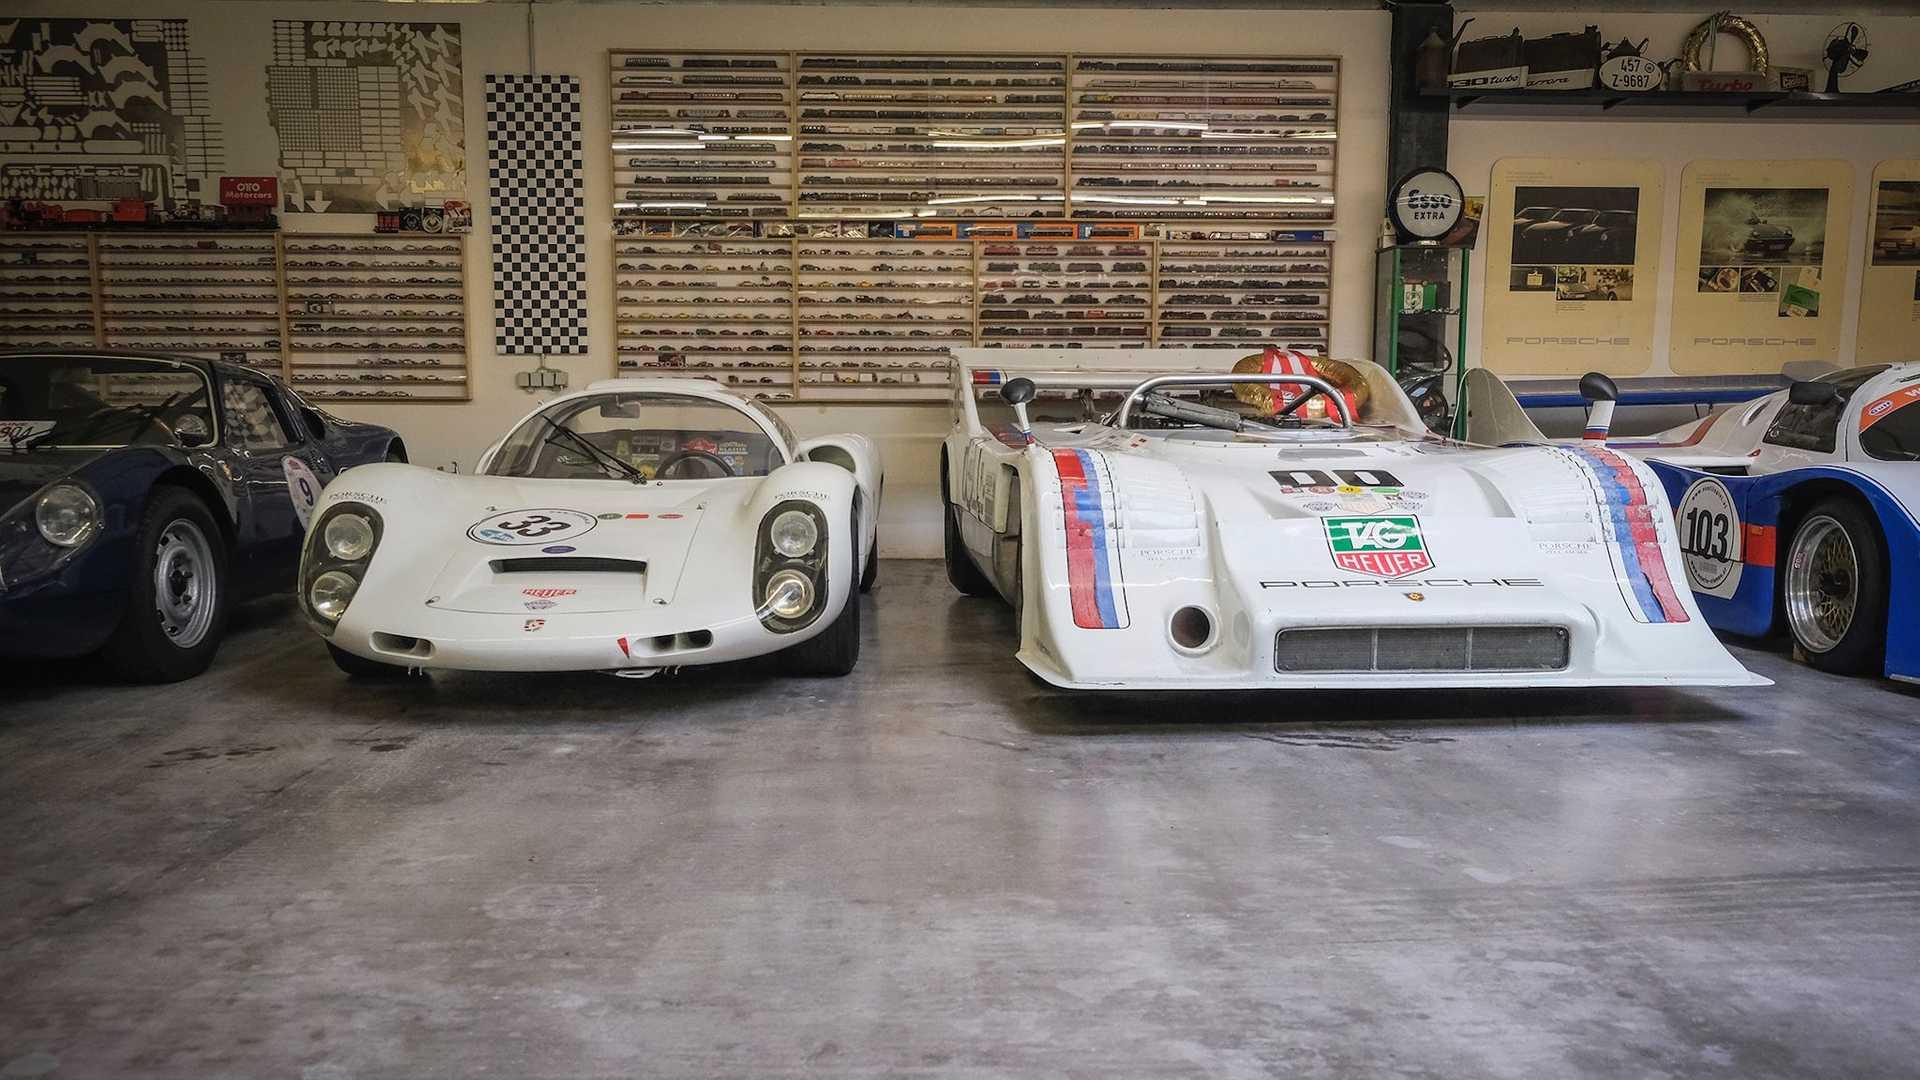 Ένας 80χρονος άντρας από την Αυστρία αγόρασε μια Porsche 80η